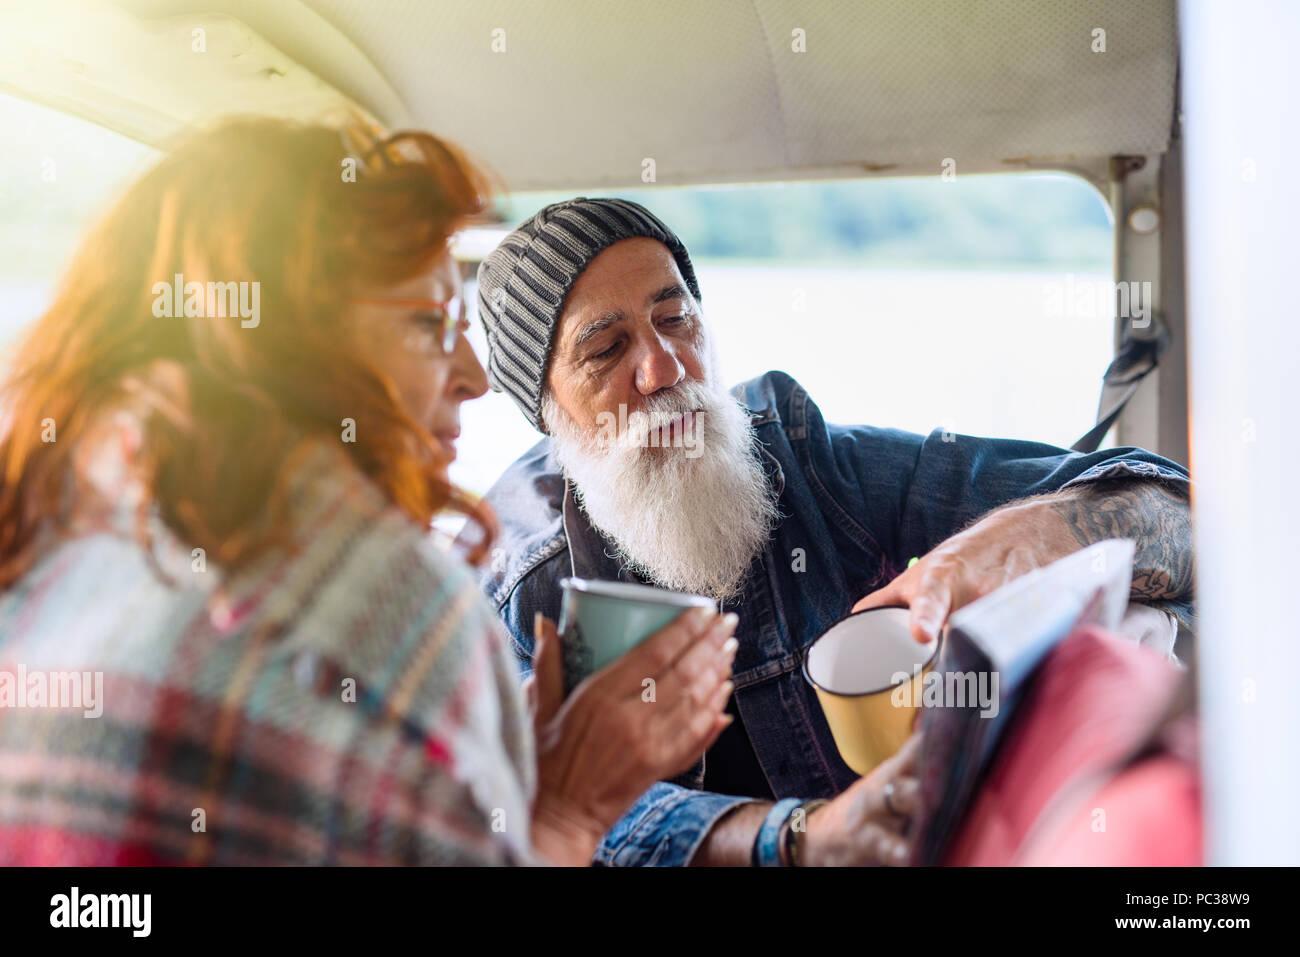 Old hipster giovane seduto in un furgone e guardando una mappa stradale Immagini Stock